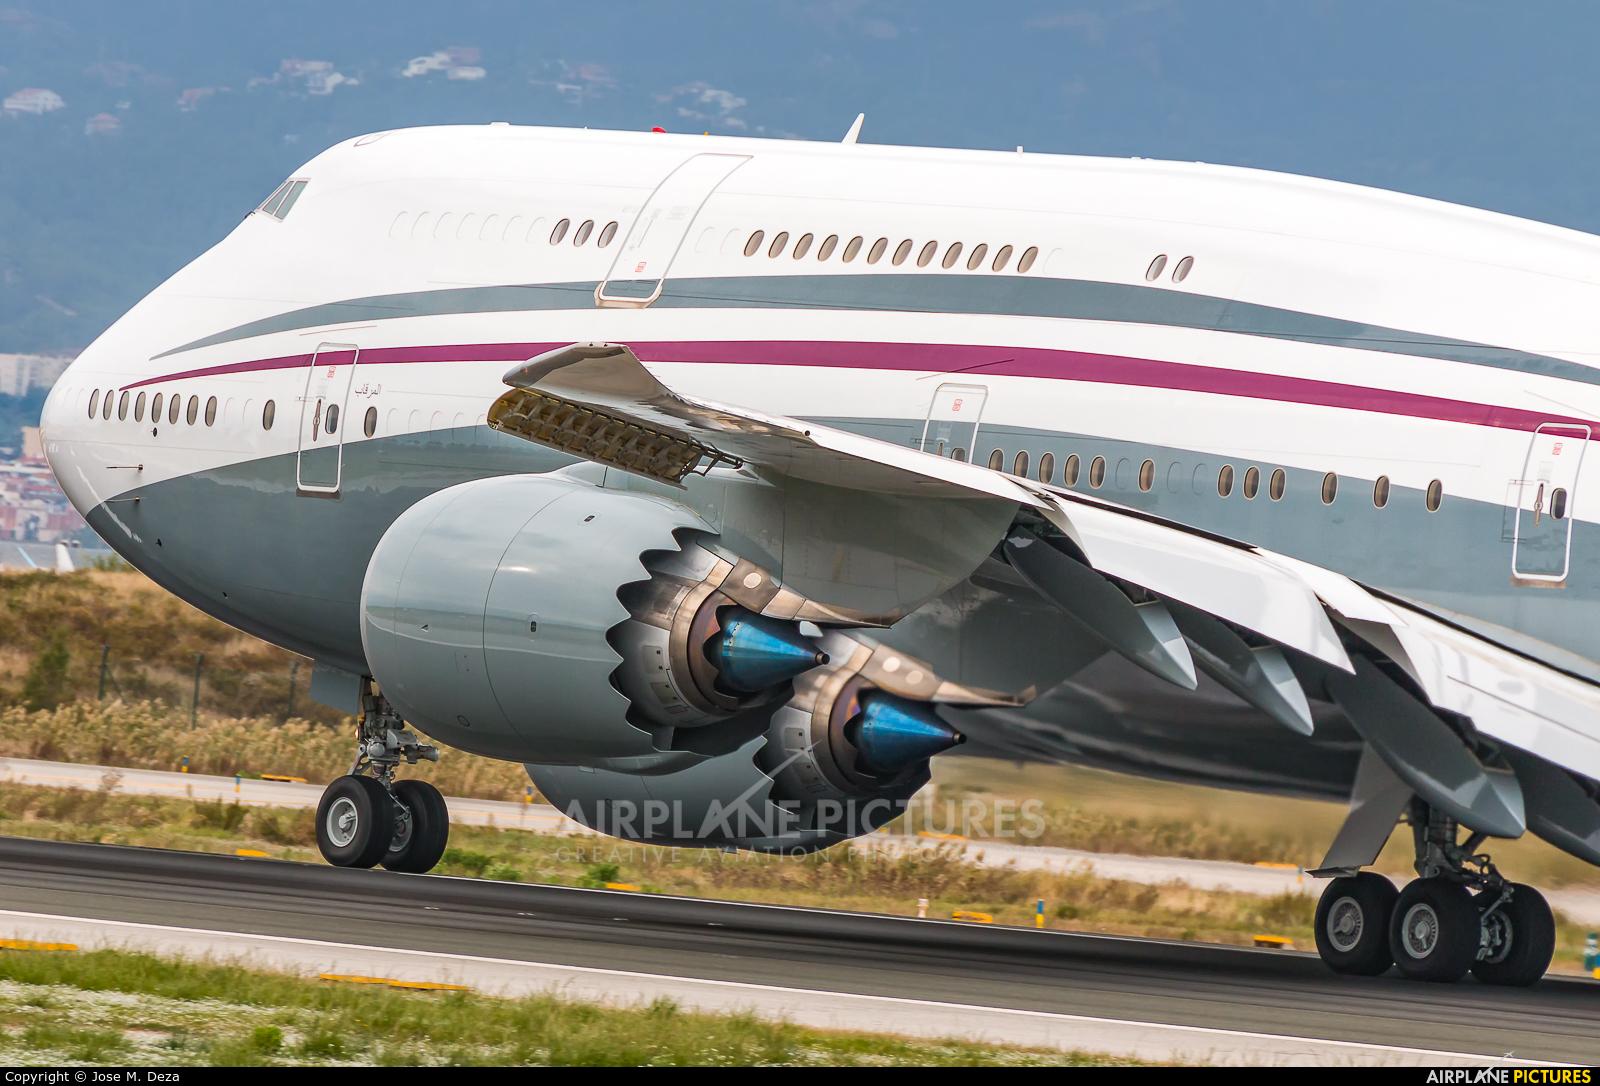 Qatar Amiri Flight A7-HBJ aircraft at Barcelona - El Prat